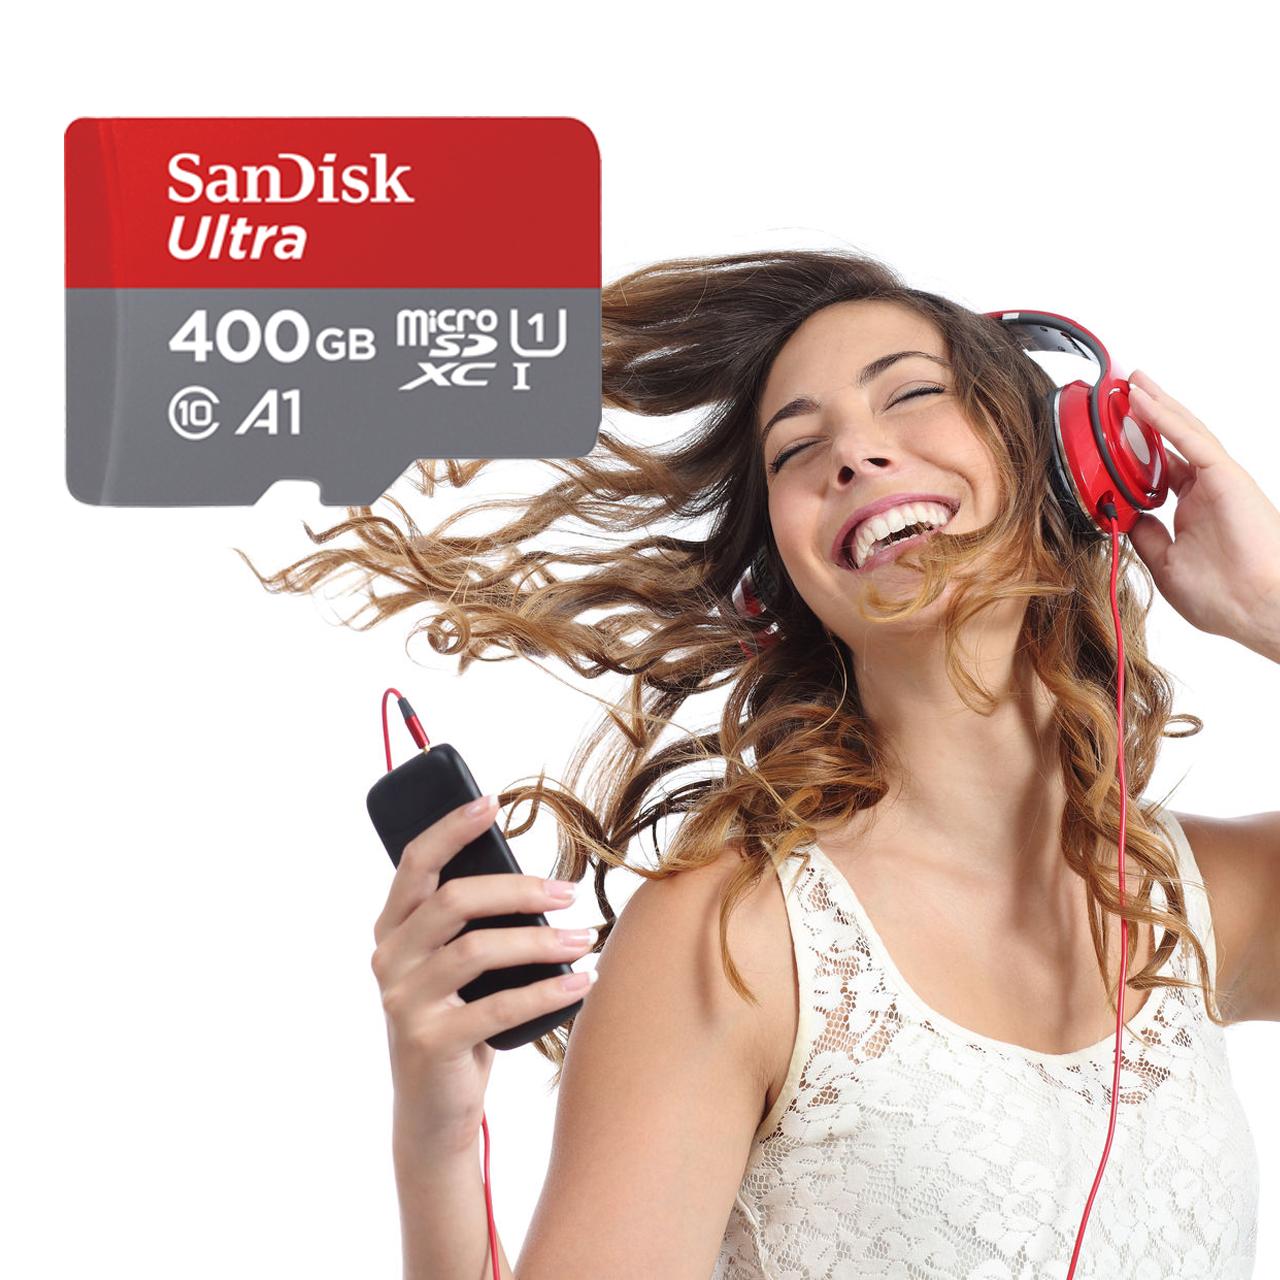 ハイレゾ聴くならサンディスク<br>大容量&ハイスピード、抜群の信頼性